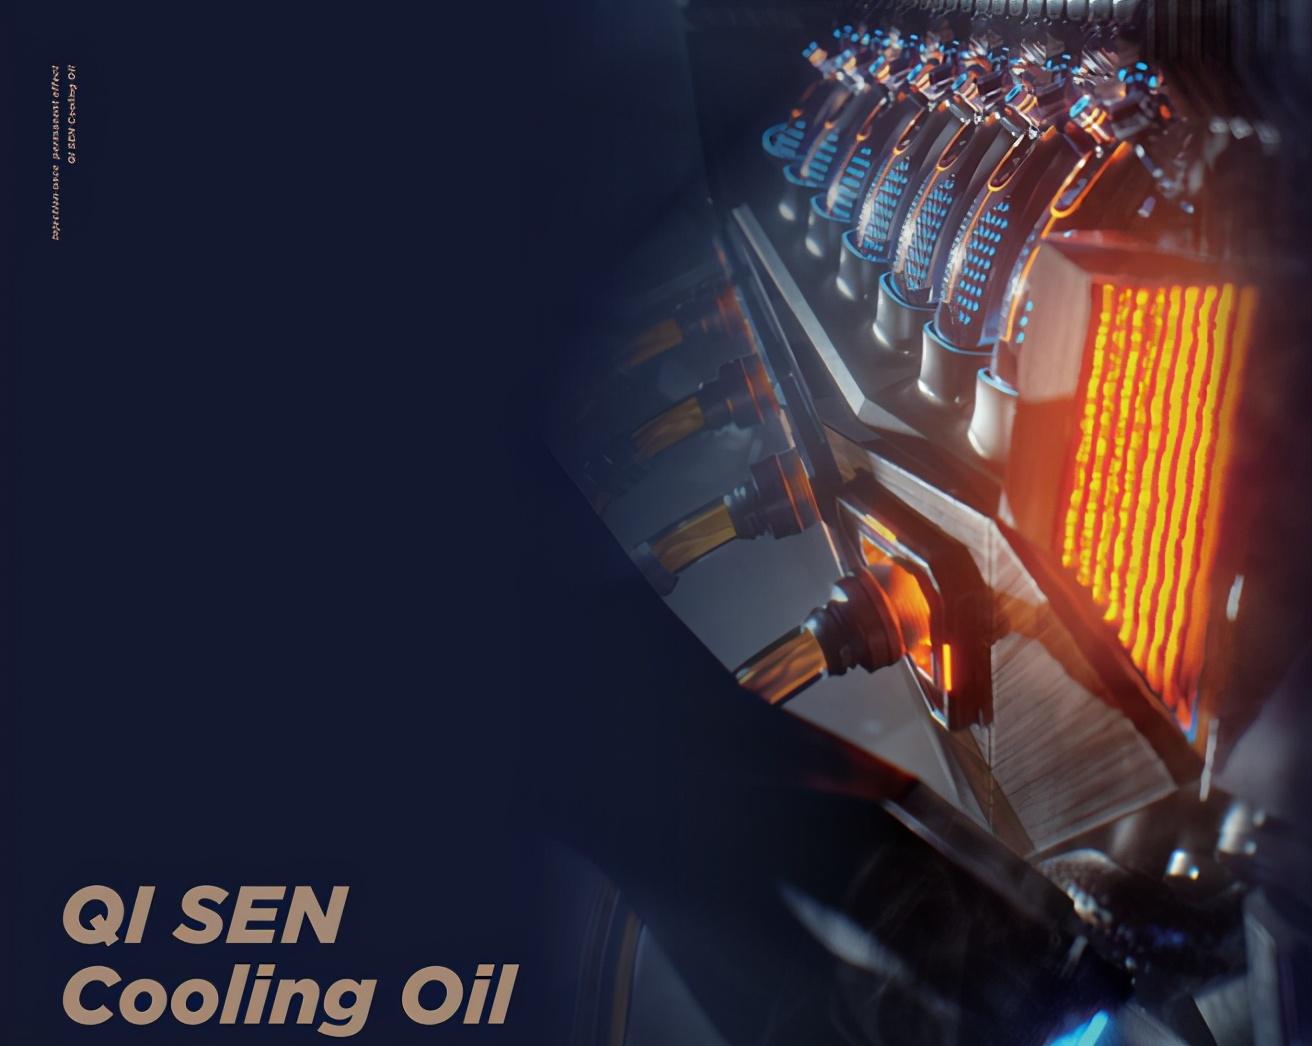 《淇森冷却油》打破欧美垄断提升国内冷却新高度